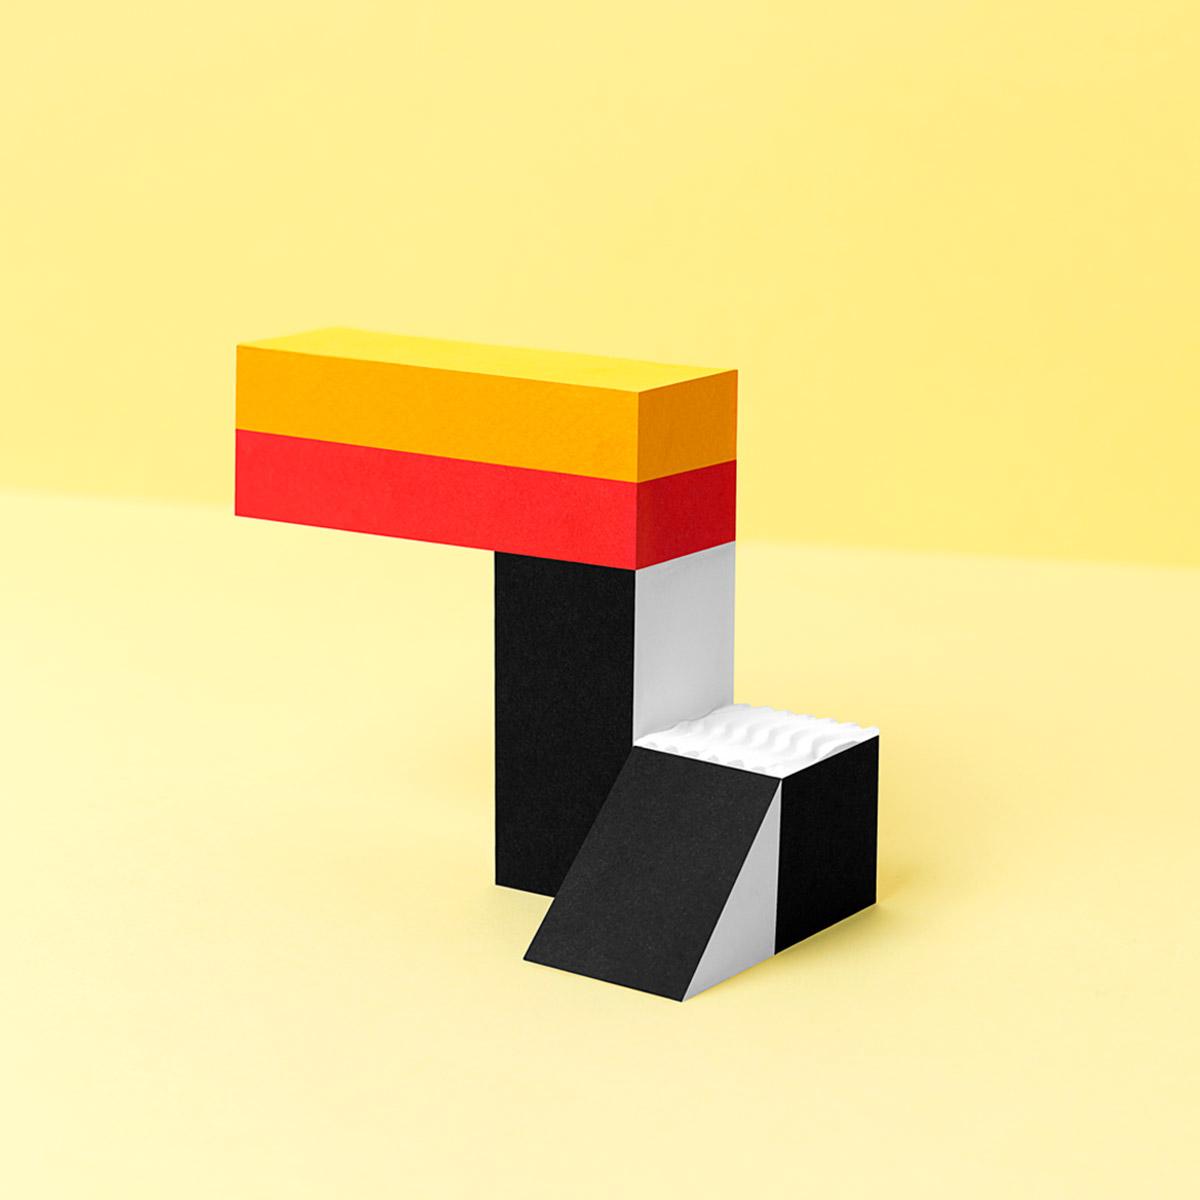 """Fotografía conceptual inspirada en el """"low poly"""" - Pájaro tucán - Låpsüs"""